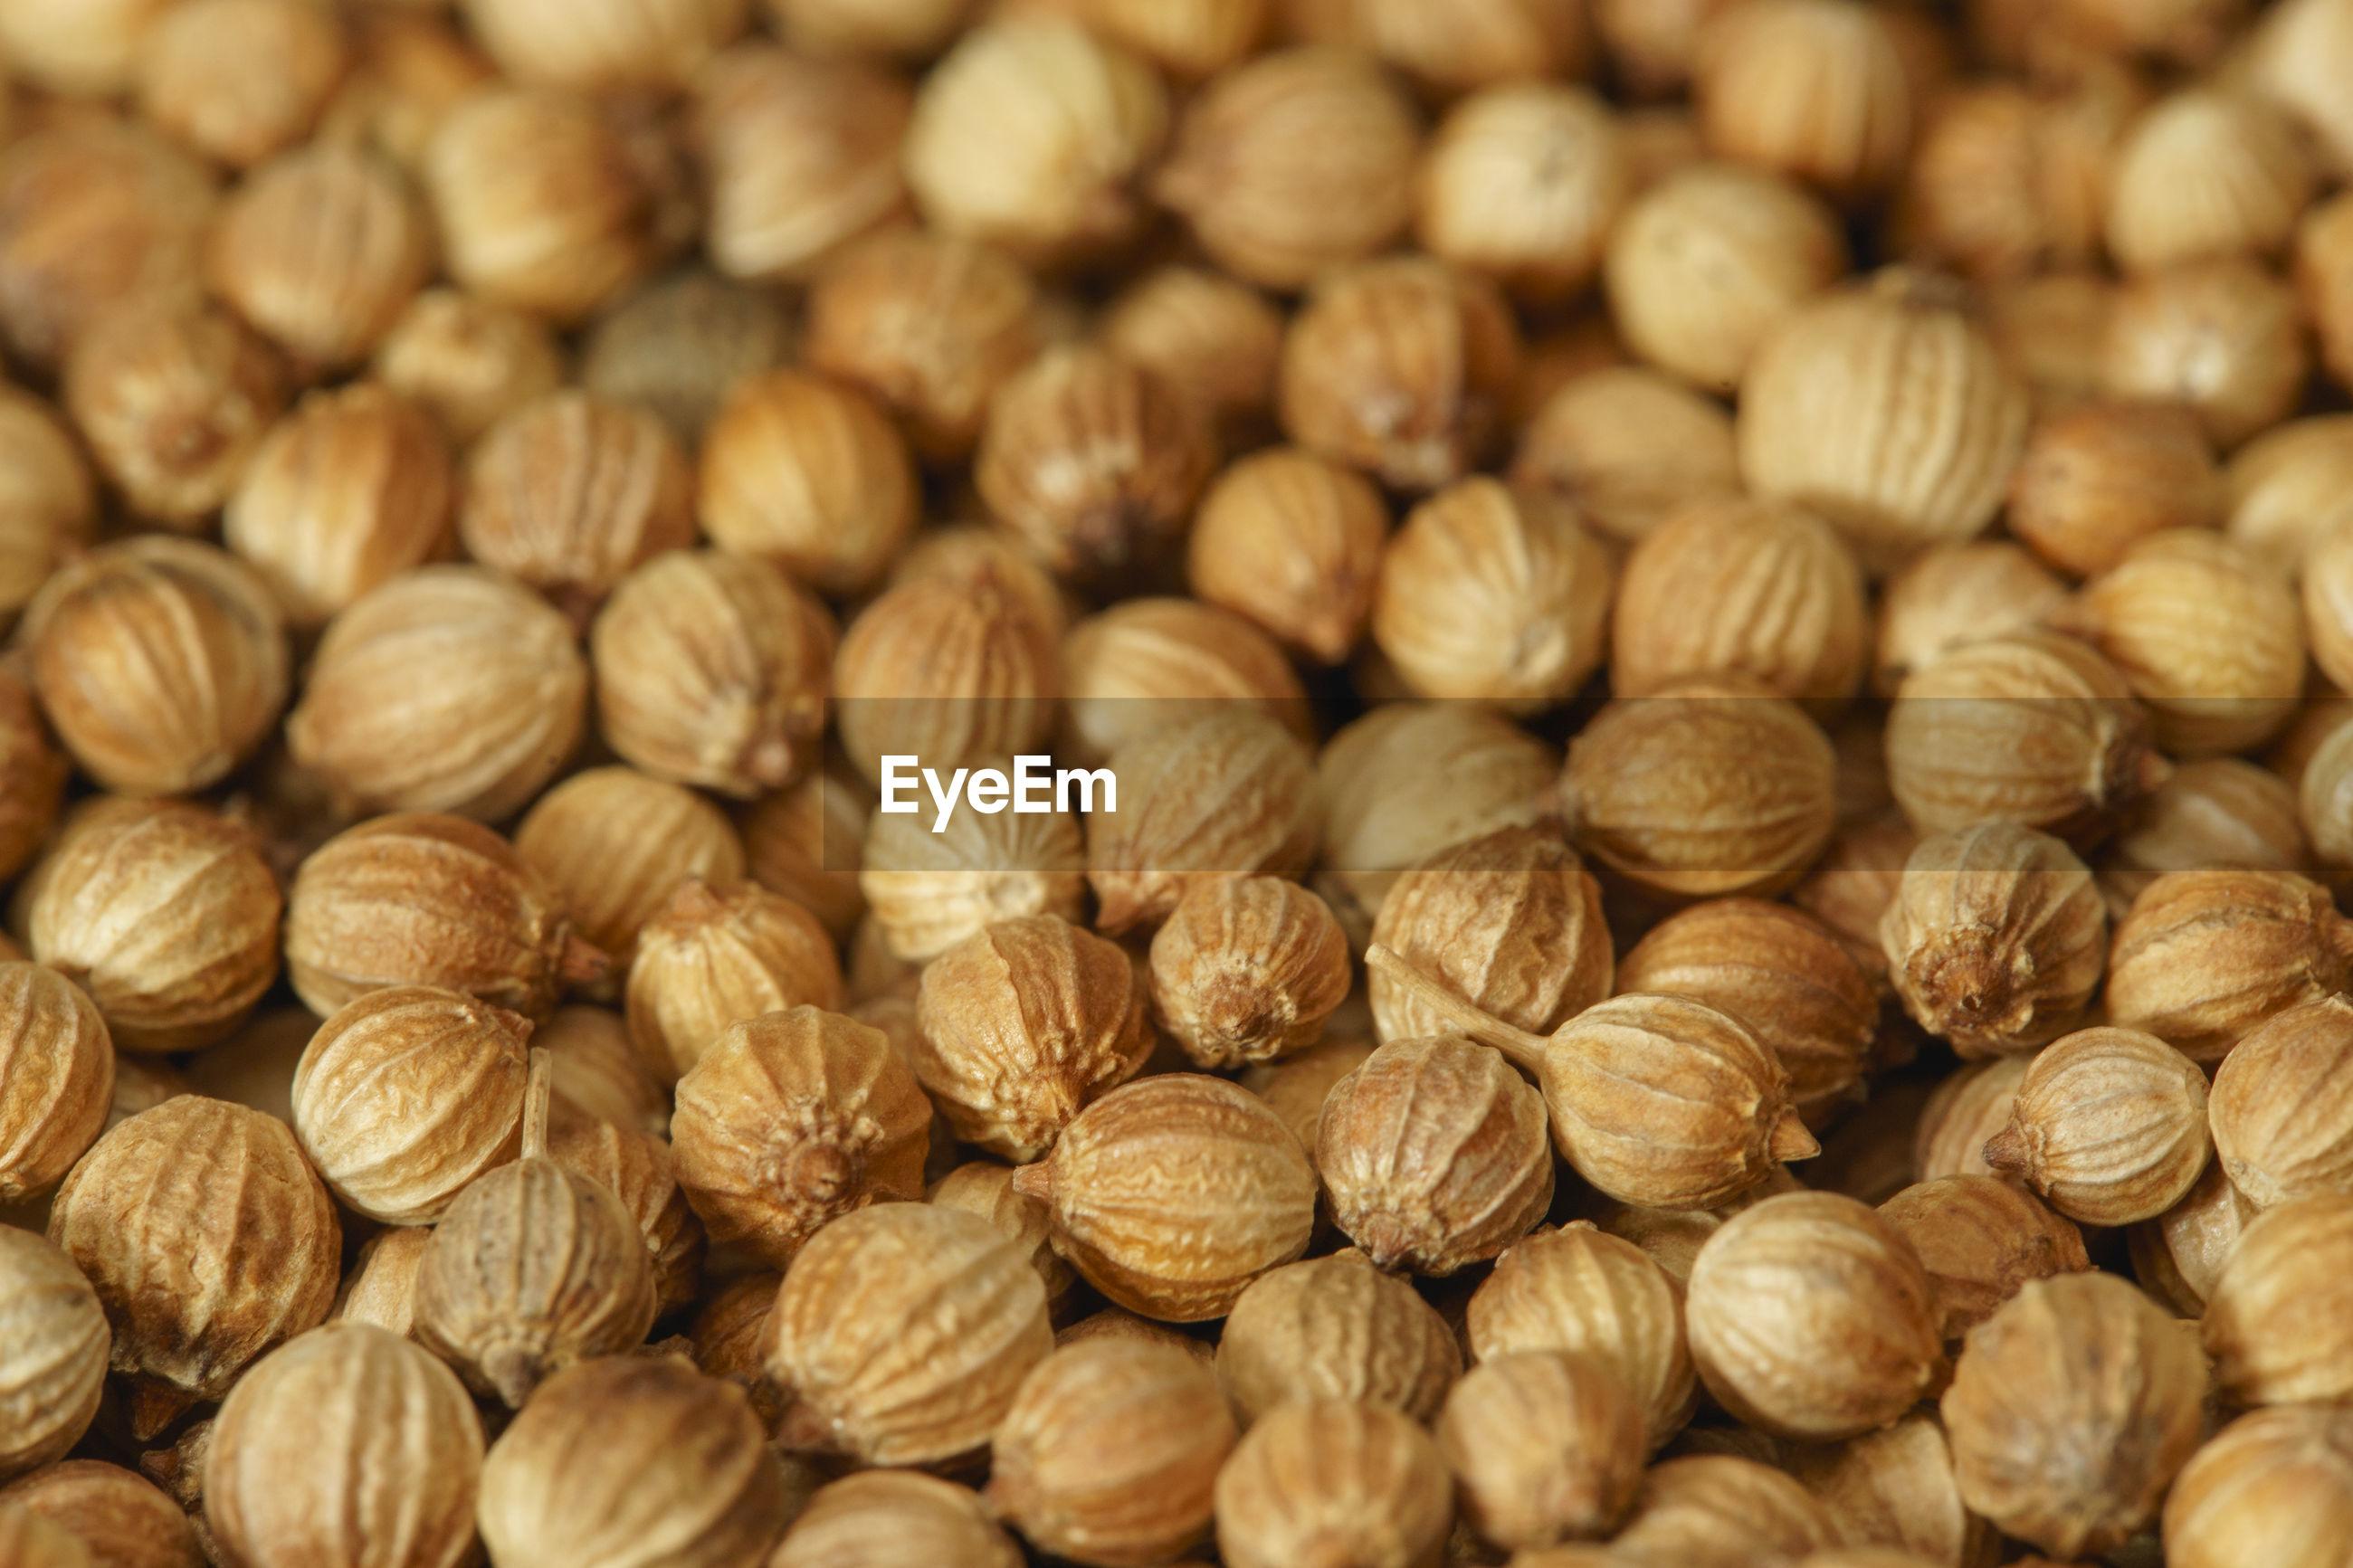 Coriander cilantro seeds close-up